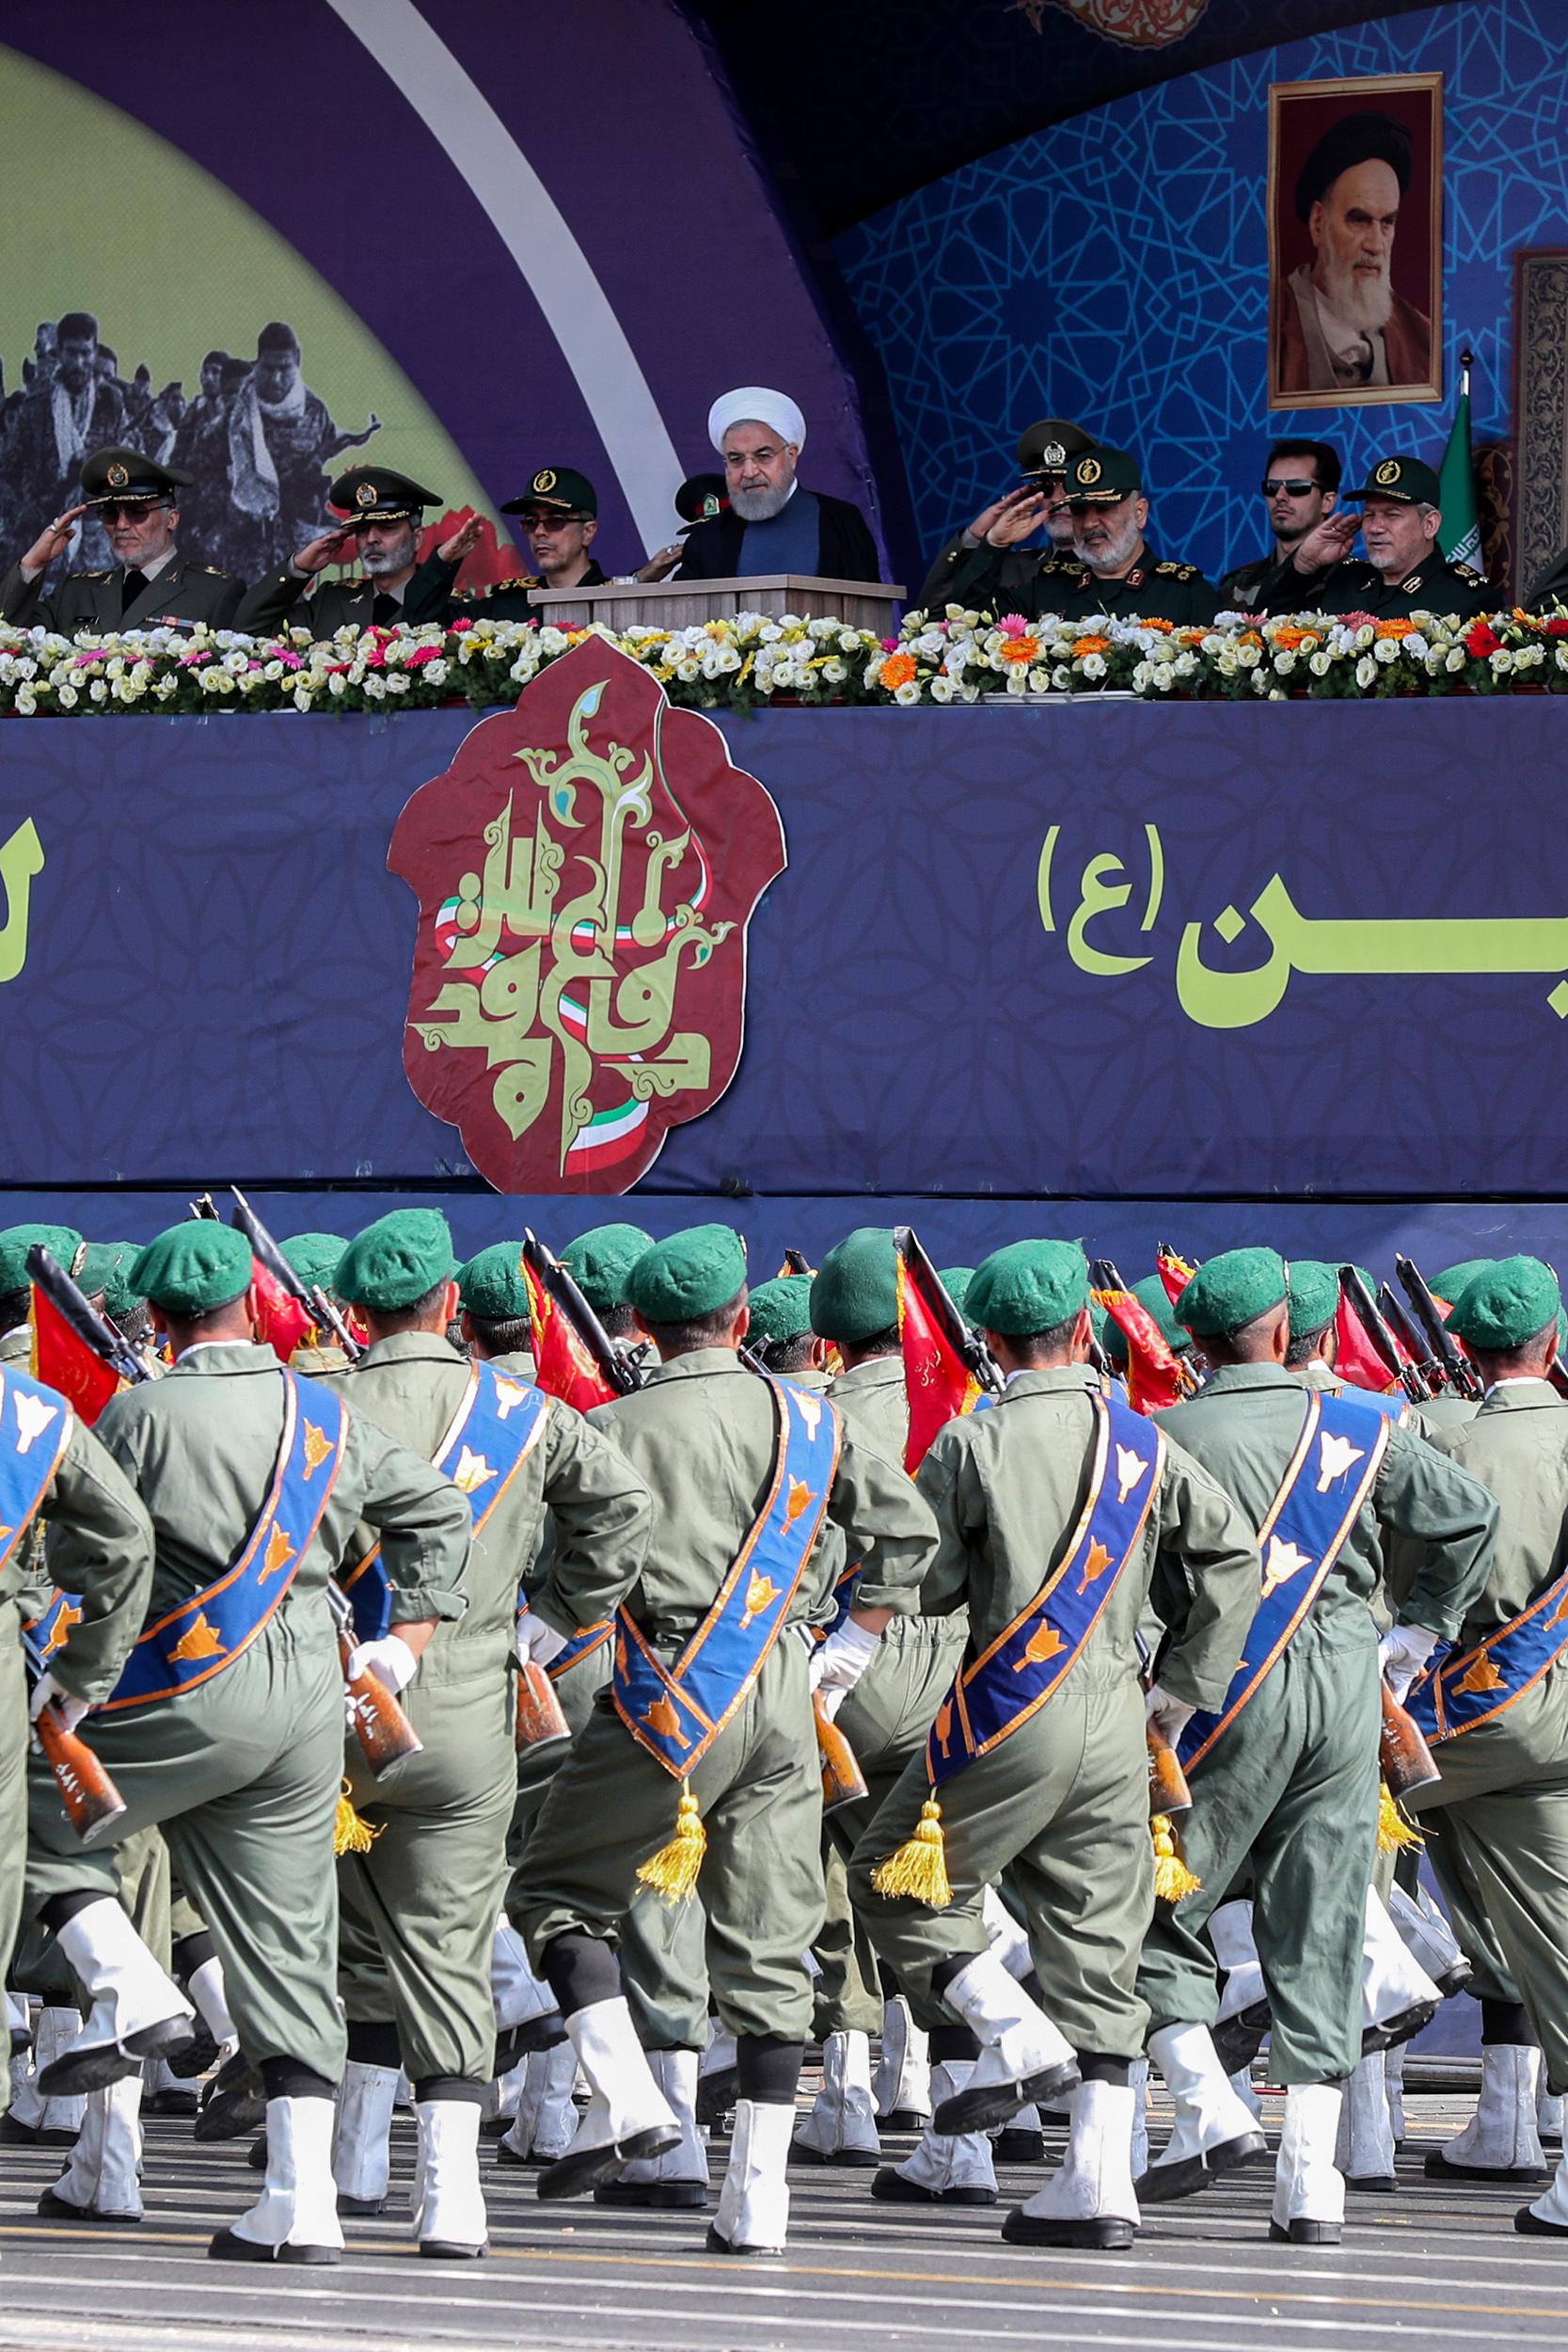 """El presidente Hassan Rouhani (C) y otros altos comandantes militares viendo a los miembros del Cuerpo de la Guardia Revolucionaria Islámica (IRGC) desfilar durante el desfile militar anual de la """"Semana de la Defensa Sagrada"""". Foto: AFP."""